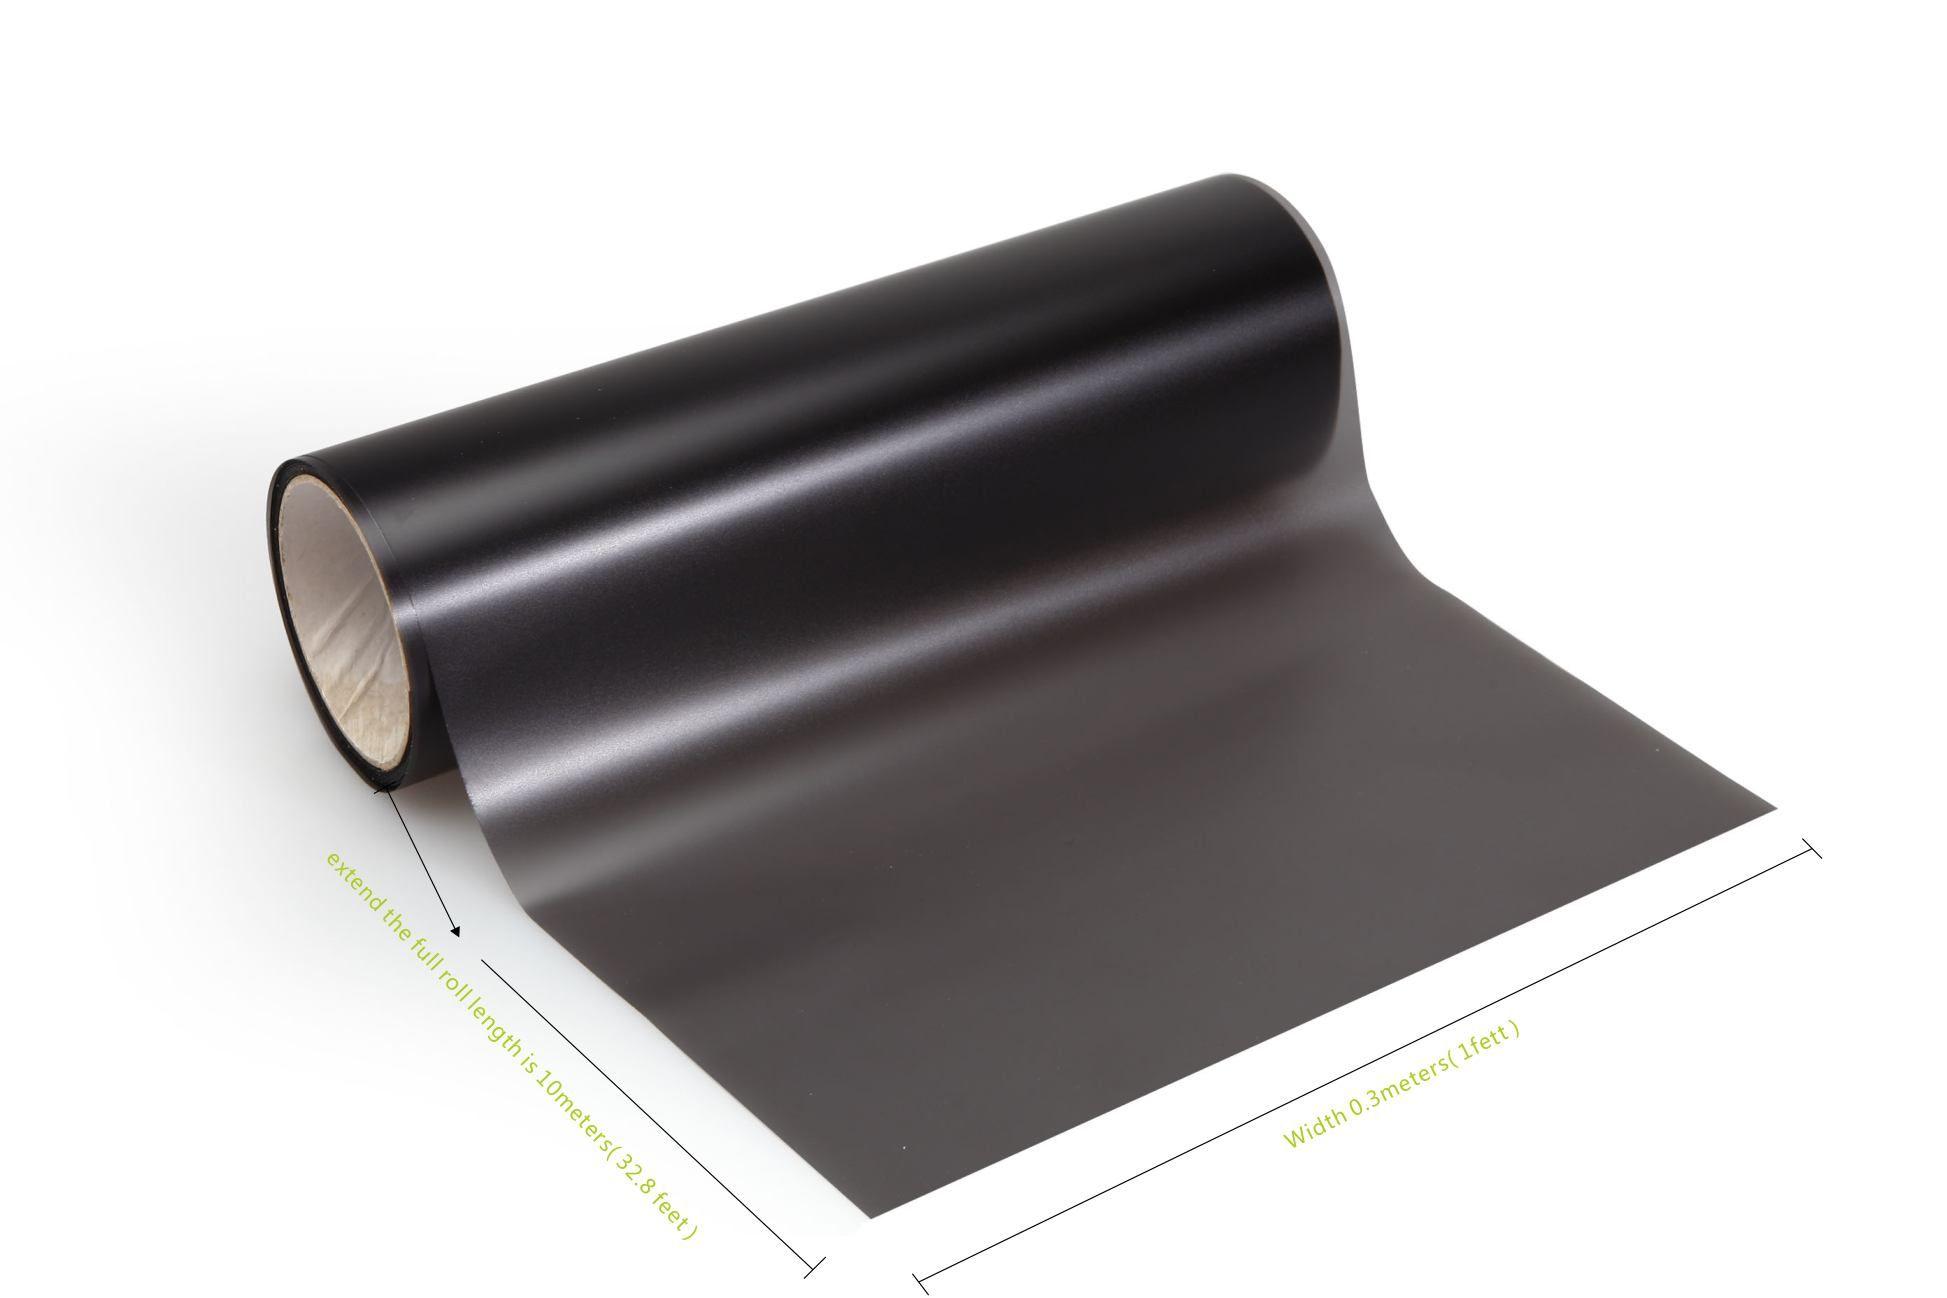 4 Rollen / Los matter schwarzer Rauch Auto-Scheinwerfer, die Scheinwerfer-Tönungsfilm-Schwarzrauchtönung bedecken Vinyl, das 0.3x10m DHL-freies Verschiffen bedeckt